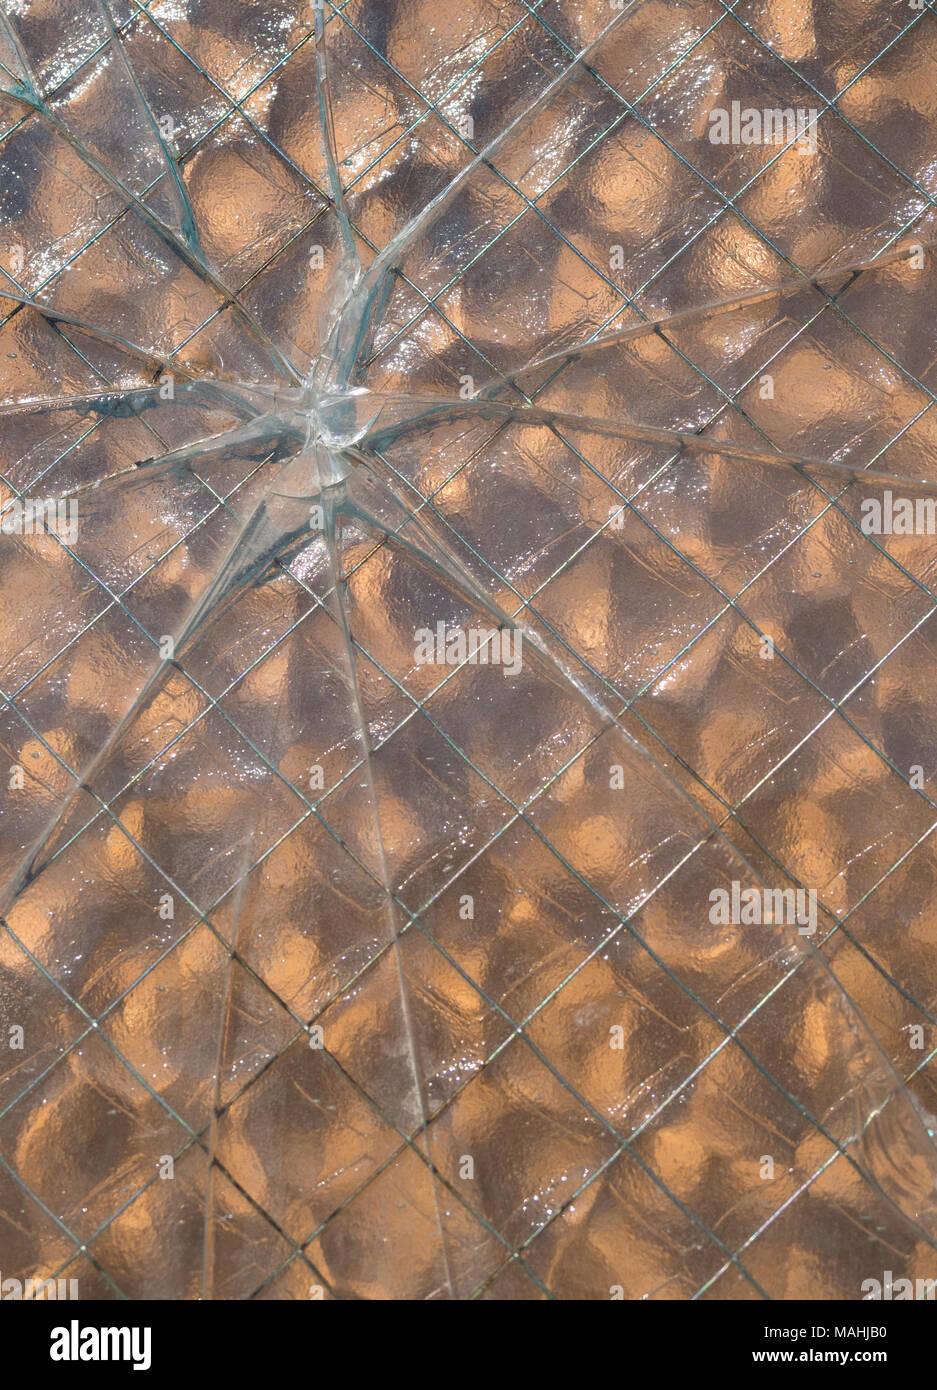 Pane Bullet Bullet Stockfotos & Pane Bullet Bullet Bilder - Alamy